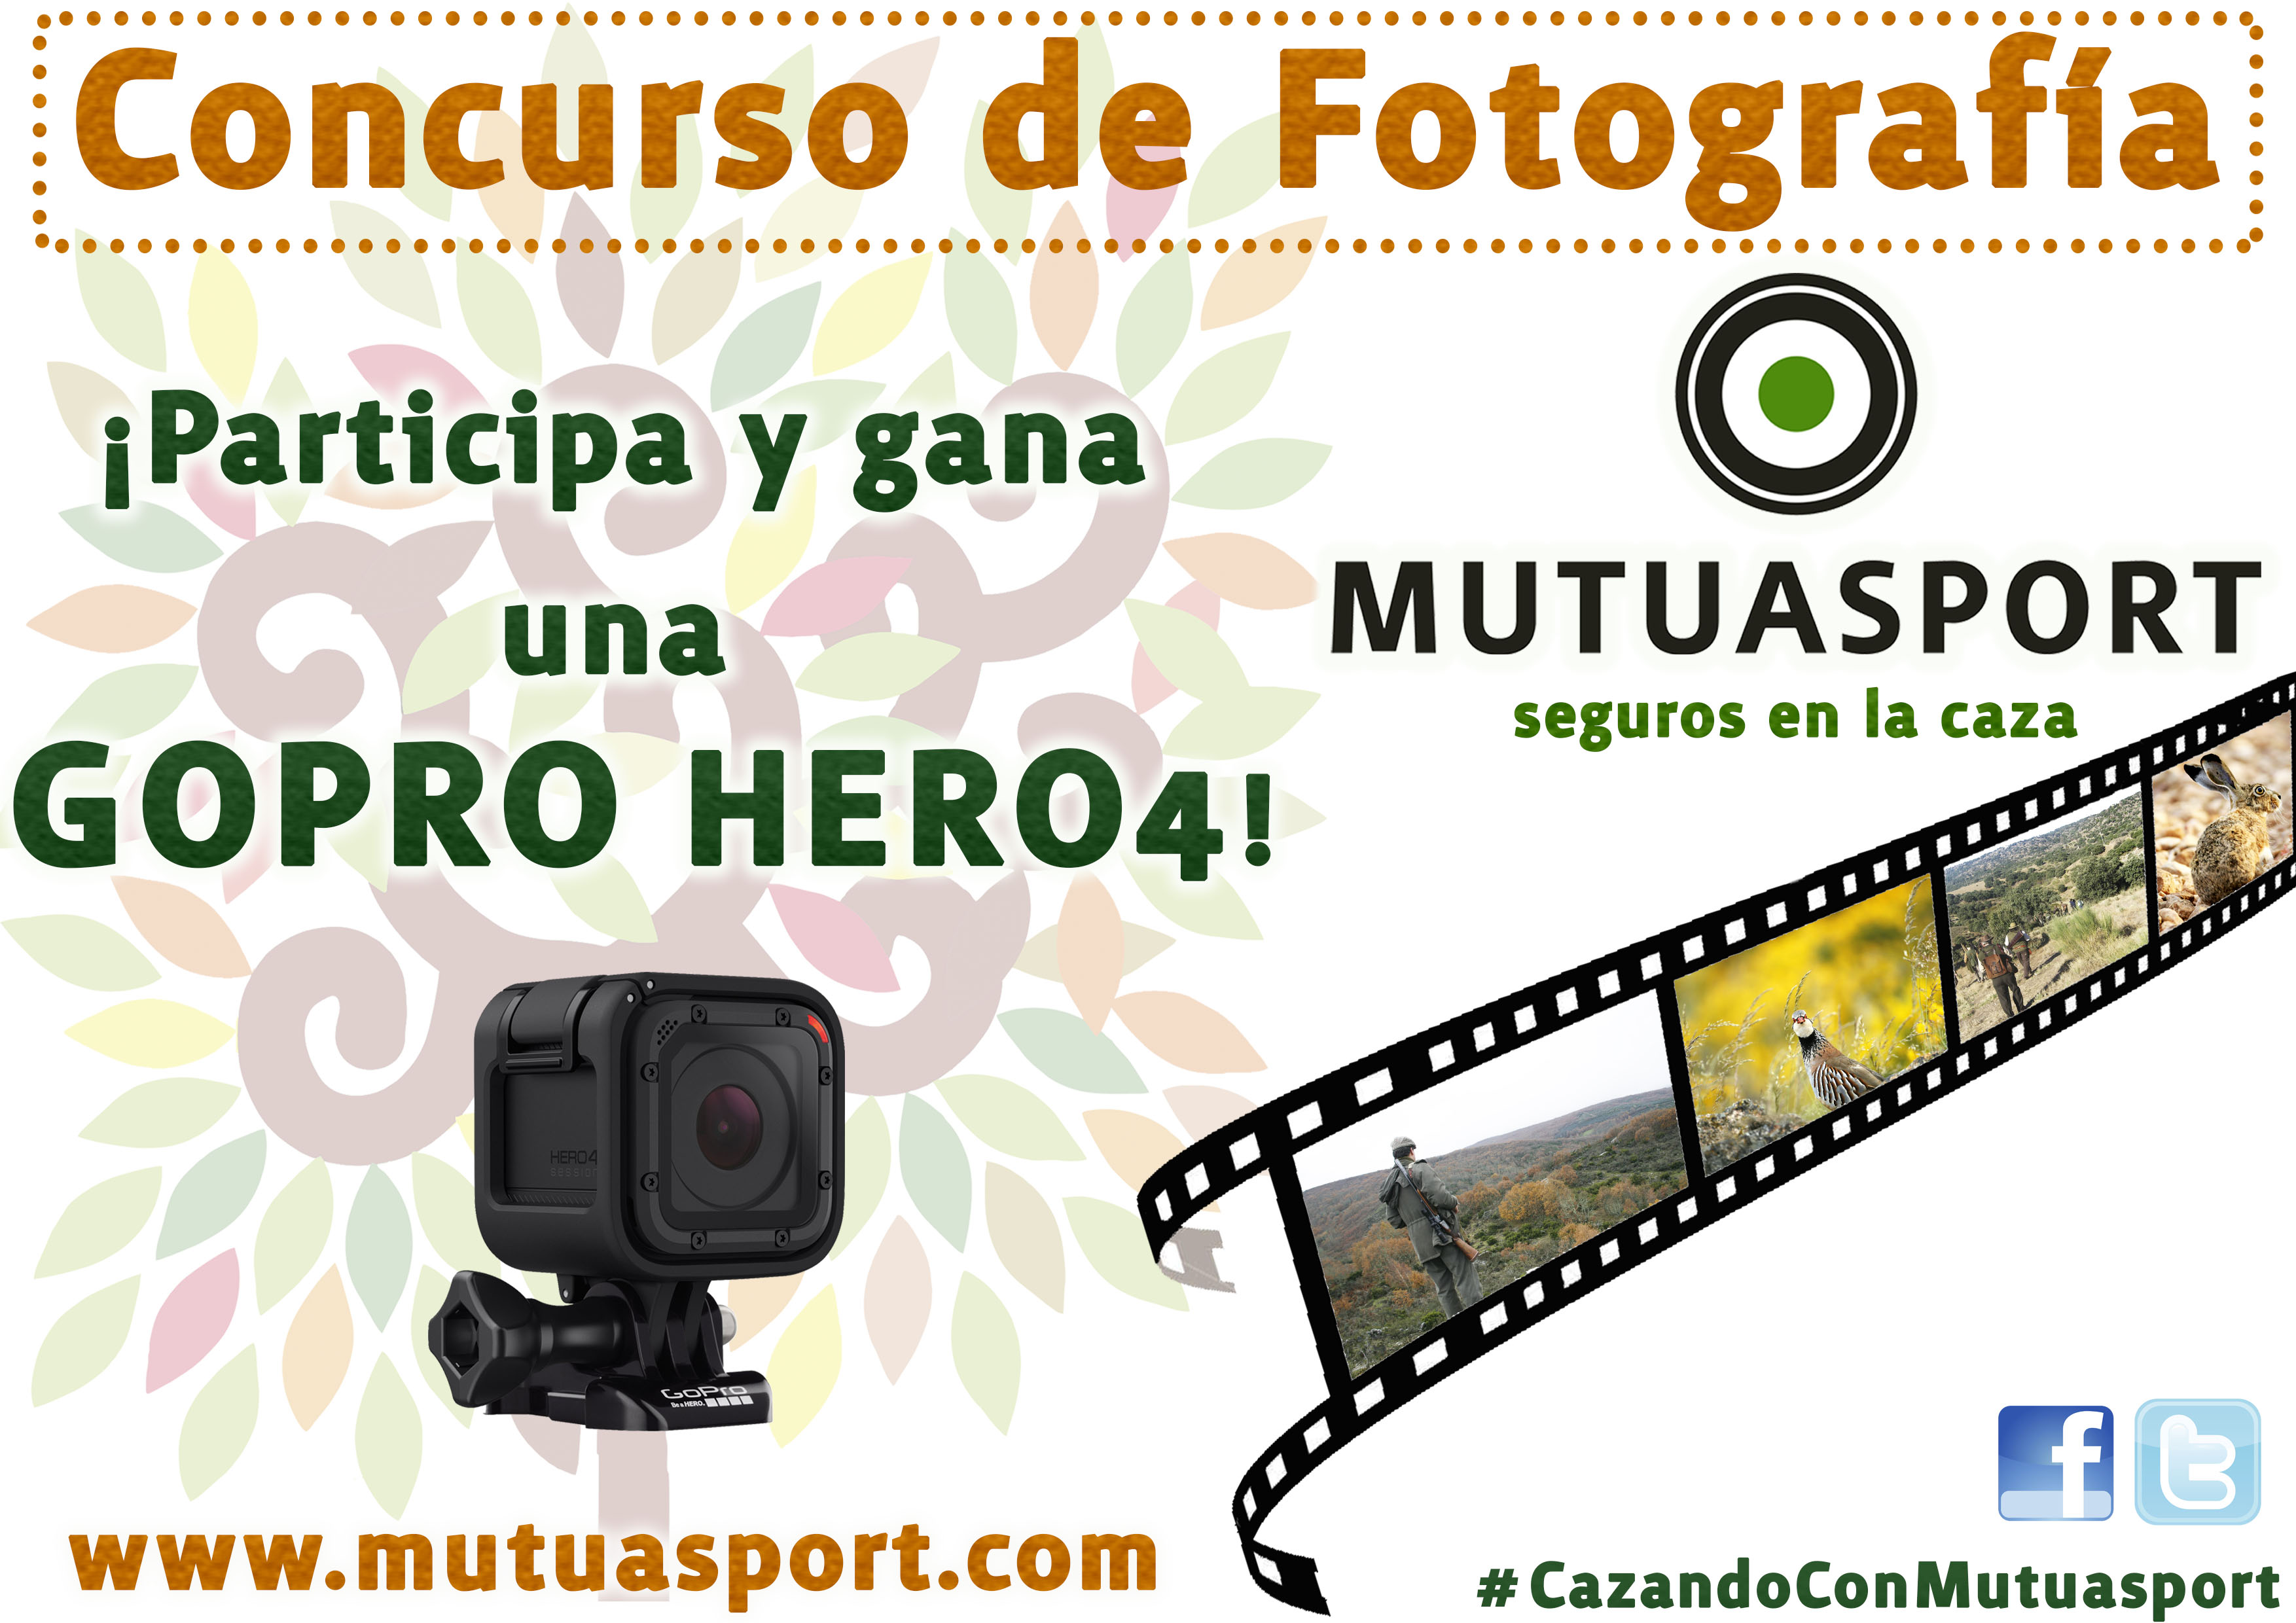 Mutuasport convoca un Concurso de Fotografía en Redes Sociales: #CazandoConMutuasport que dará comienzo el próximo miércoles día 15